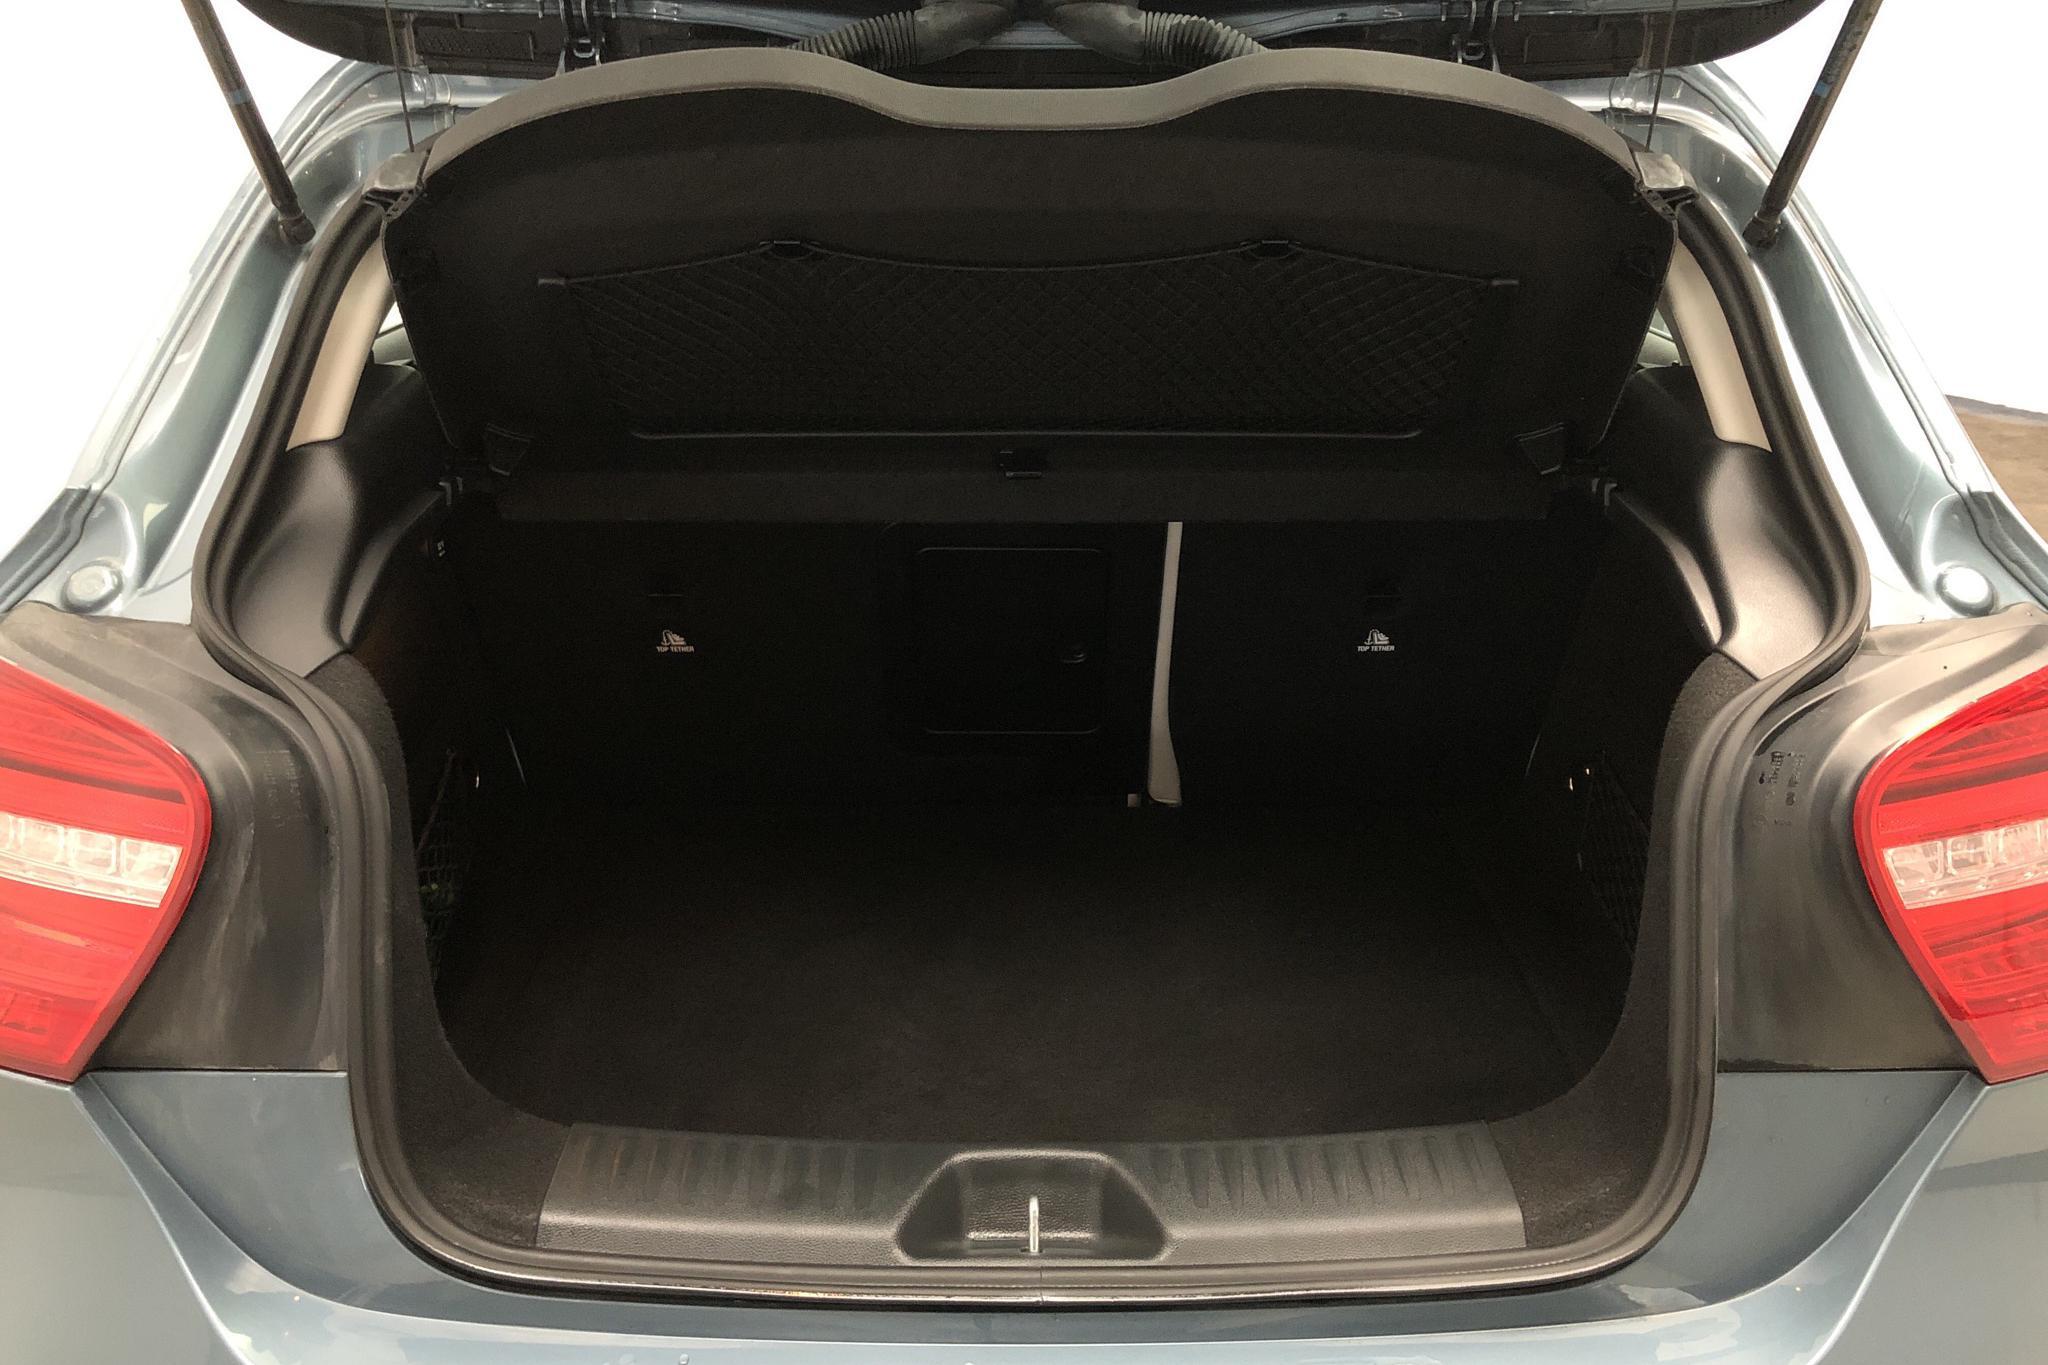 Mercedes A 180 CDI 5dr W176 (109hk) - 4 598 mil - Automat - Light Blue - 2013